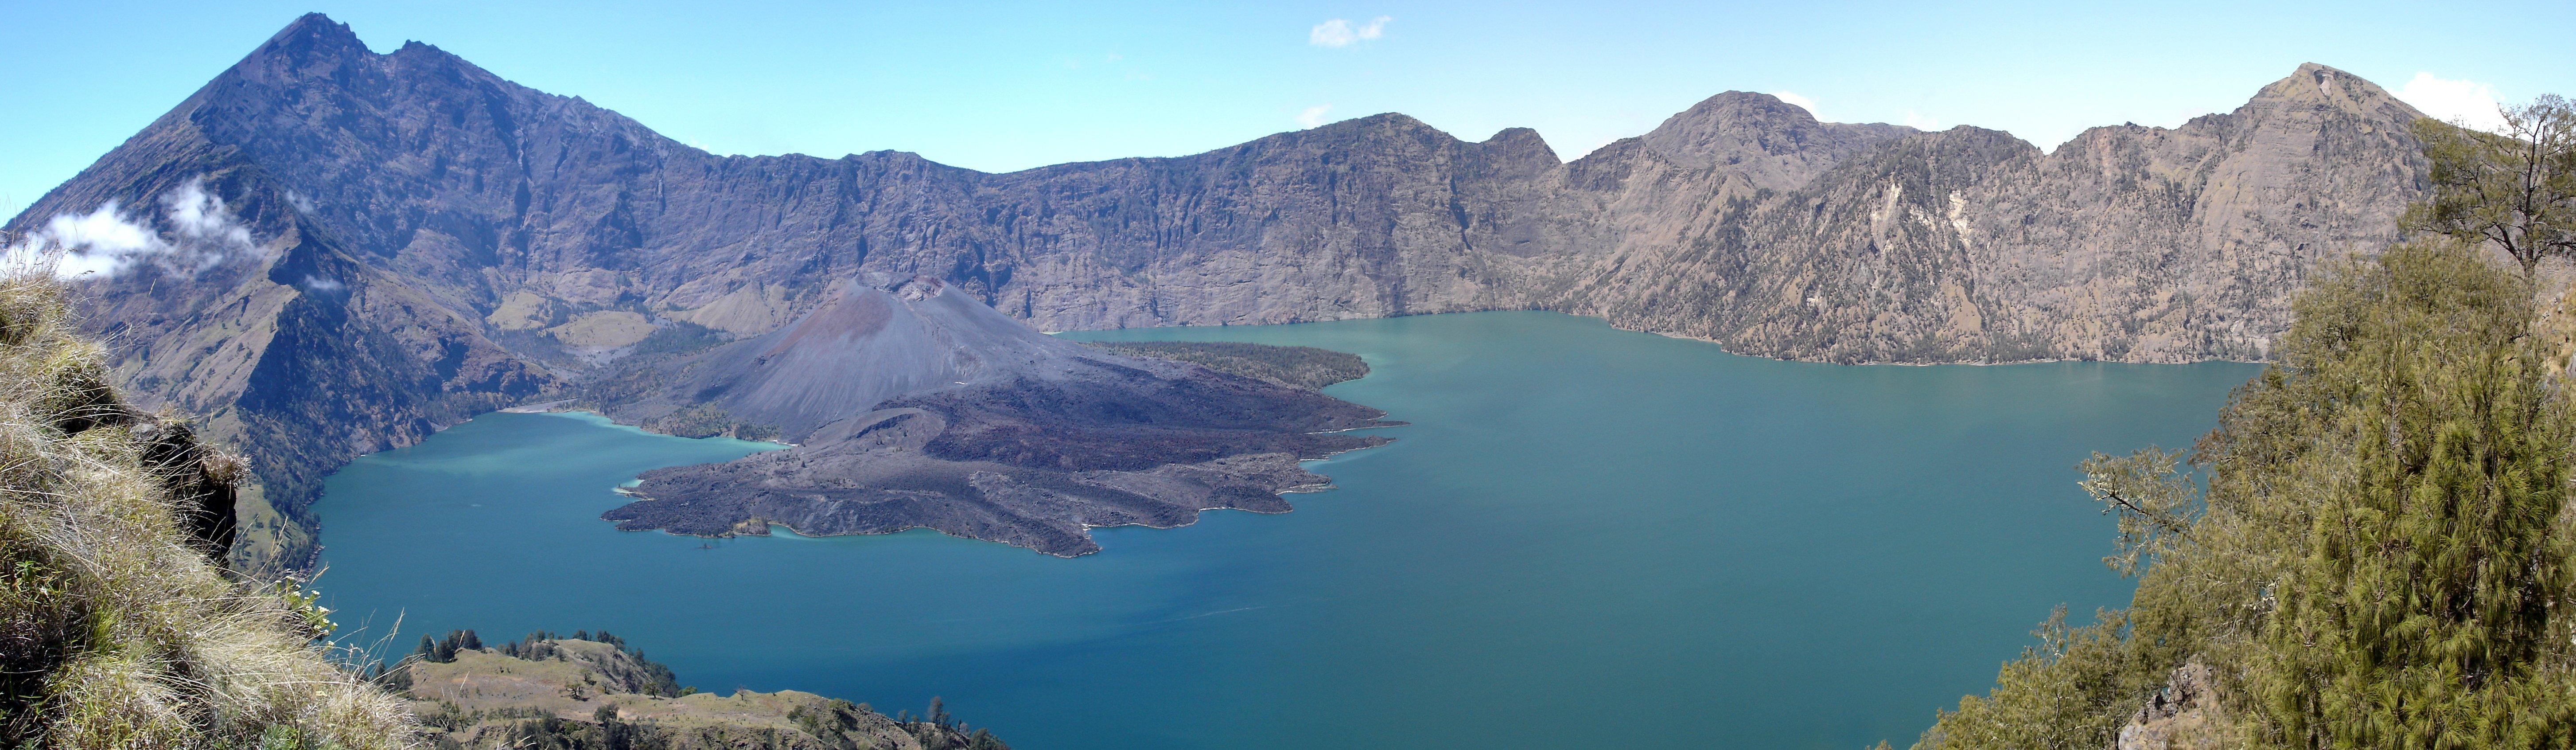 Gempa Bumi Picu Gunung Rinjani Meletus